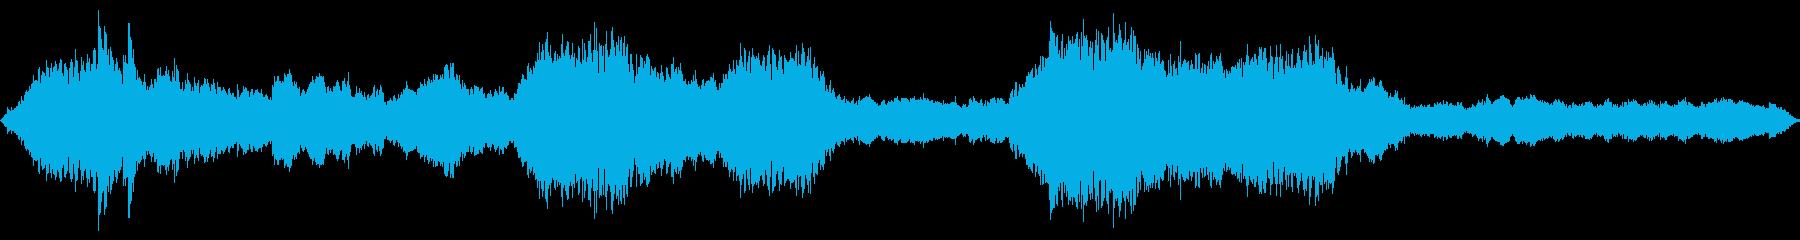 アジアン調、切なくドラマチックなBGMの再生済みの波形